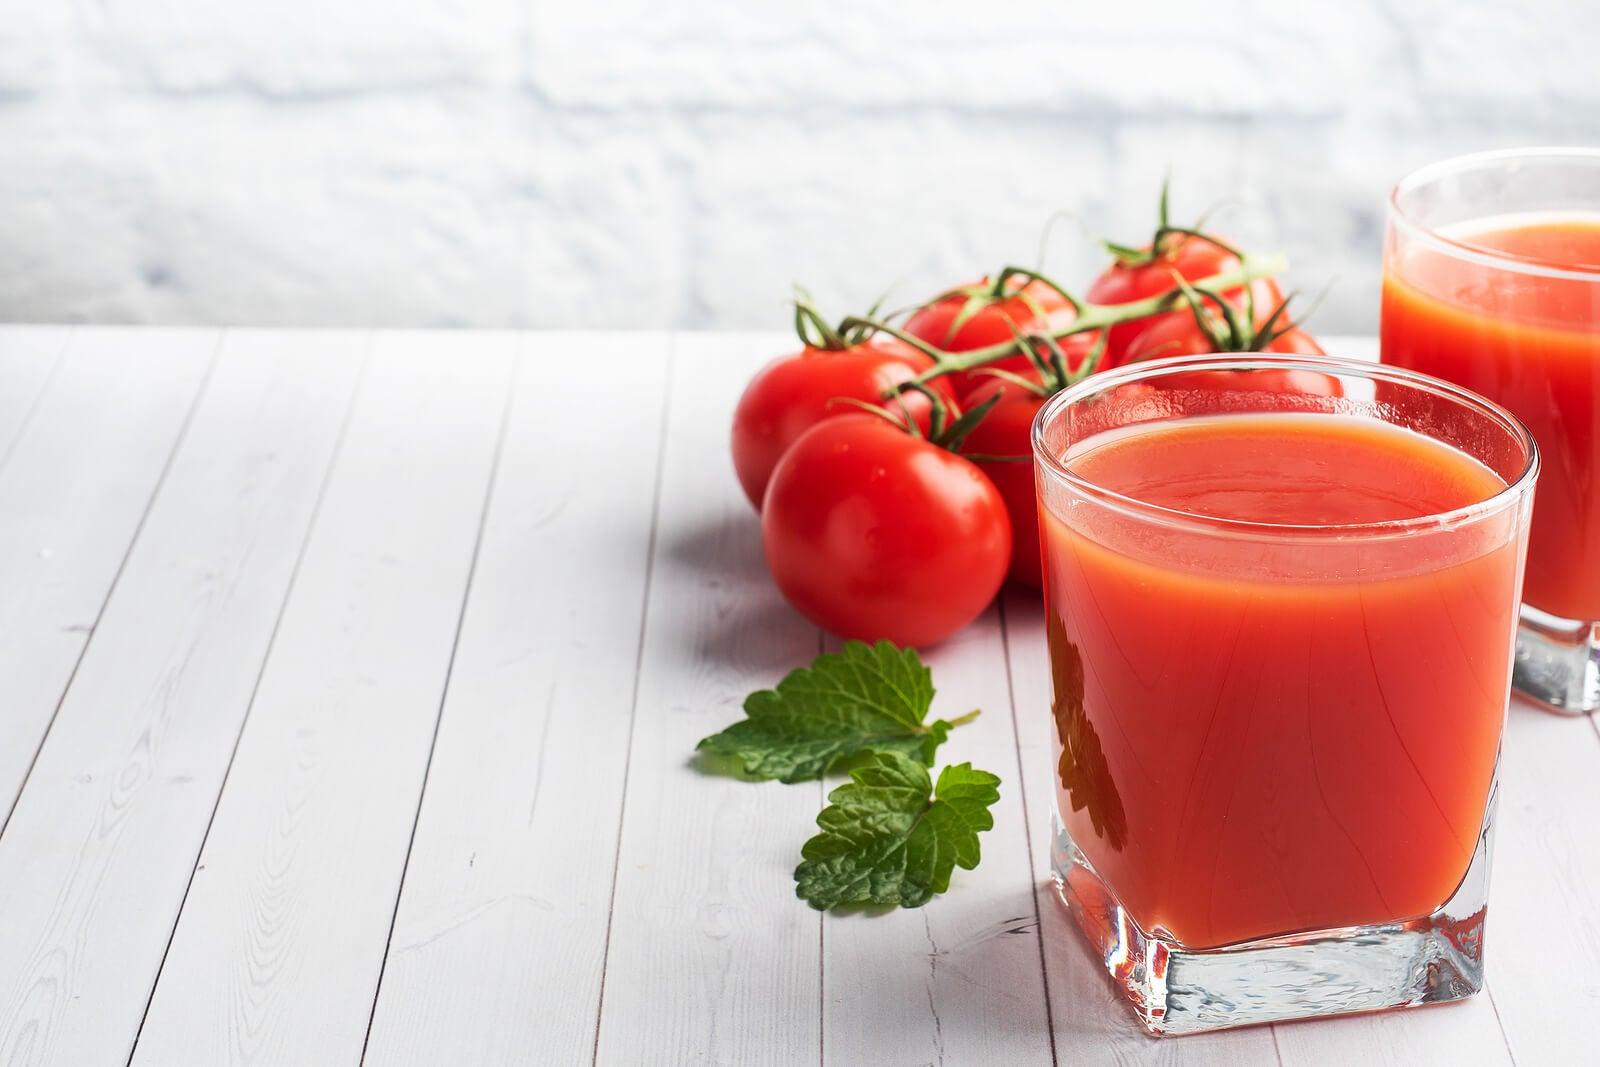 El jugo de tomate natural es delicioso con fresas.